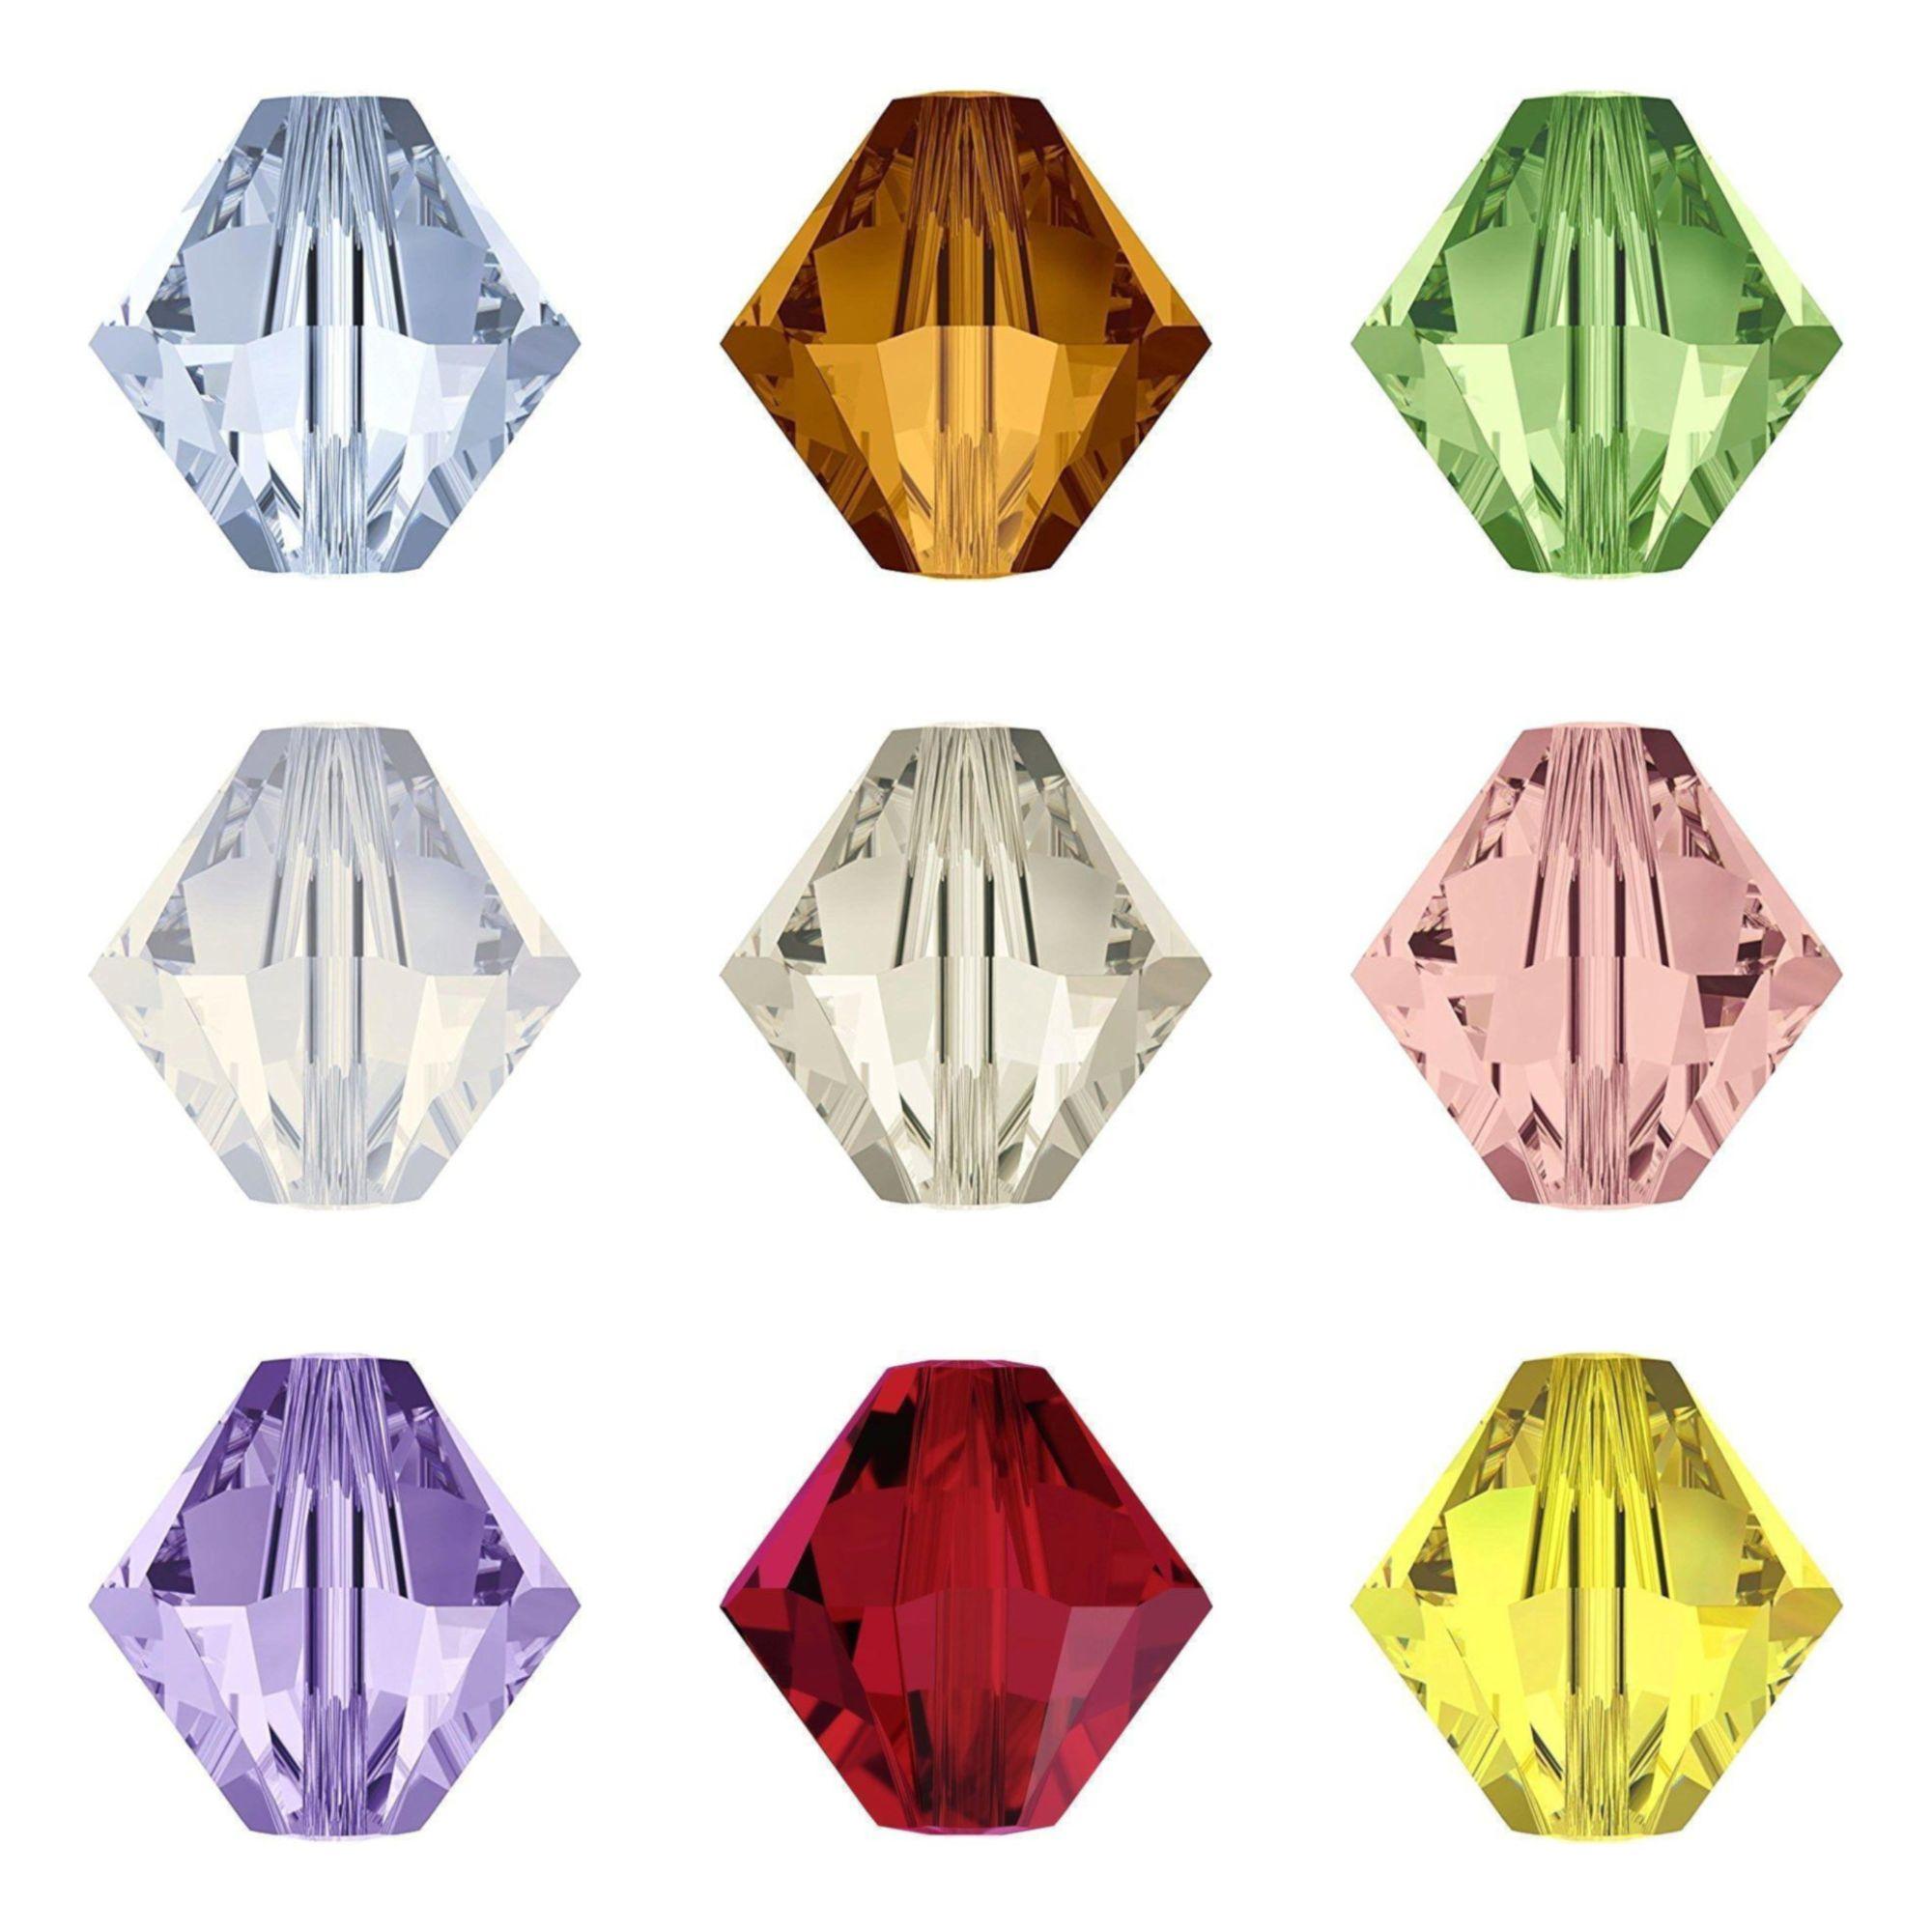 Swarovski Bicone Crystal Colour Samples